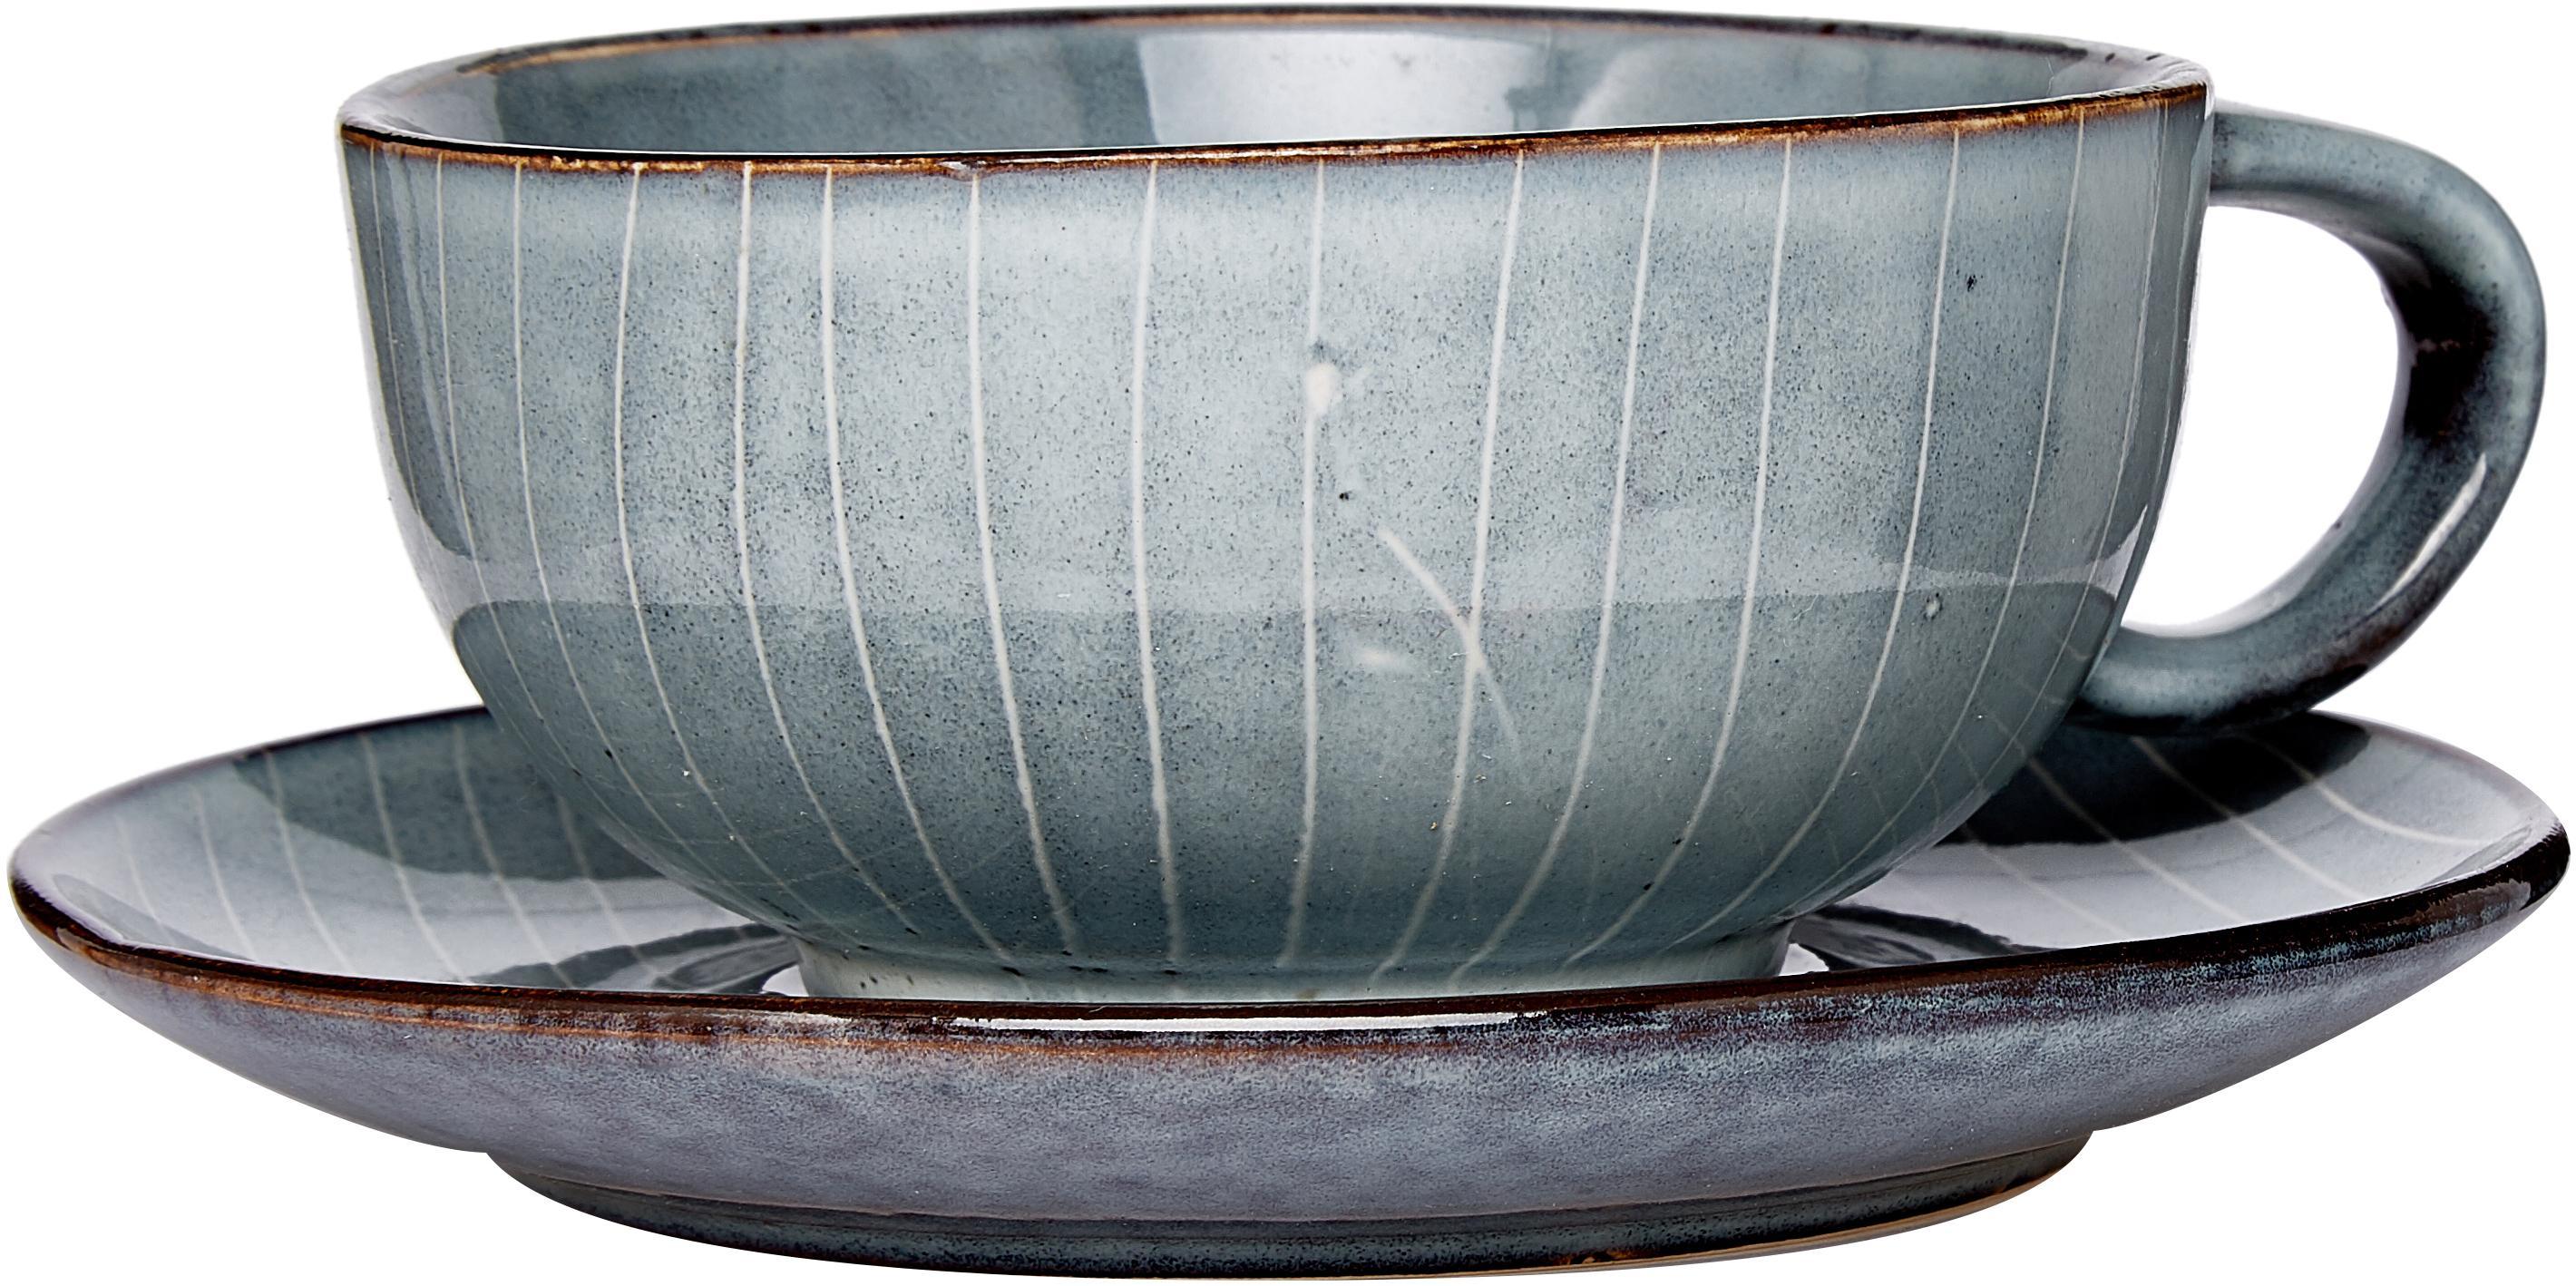 Handgemachte Tasse mit Untertasse Nordic Sea aus Steingut, Steingut, Grau- und Blautöne, Ø 11 x H 5 cm